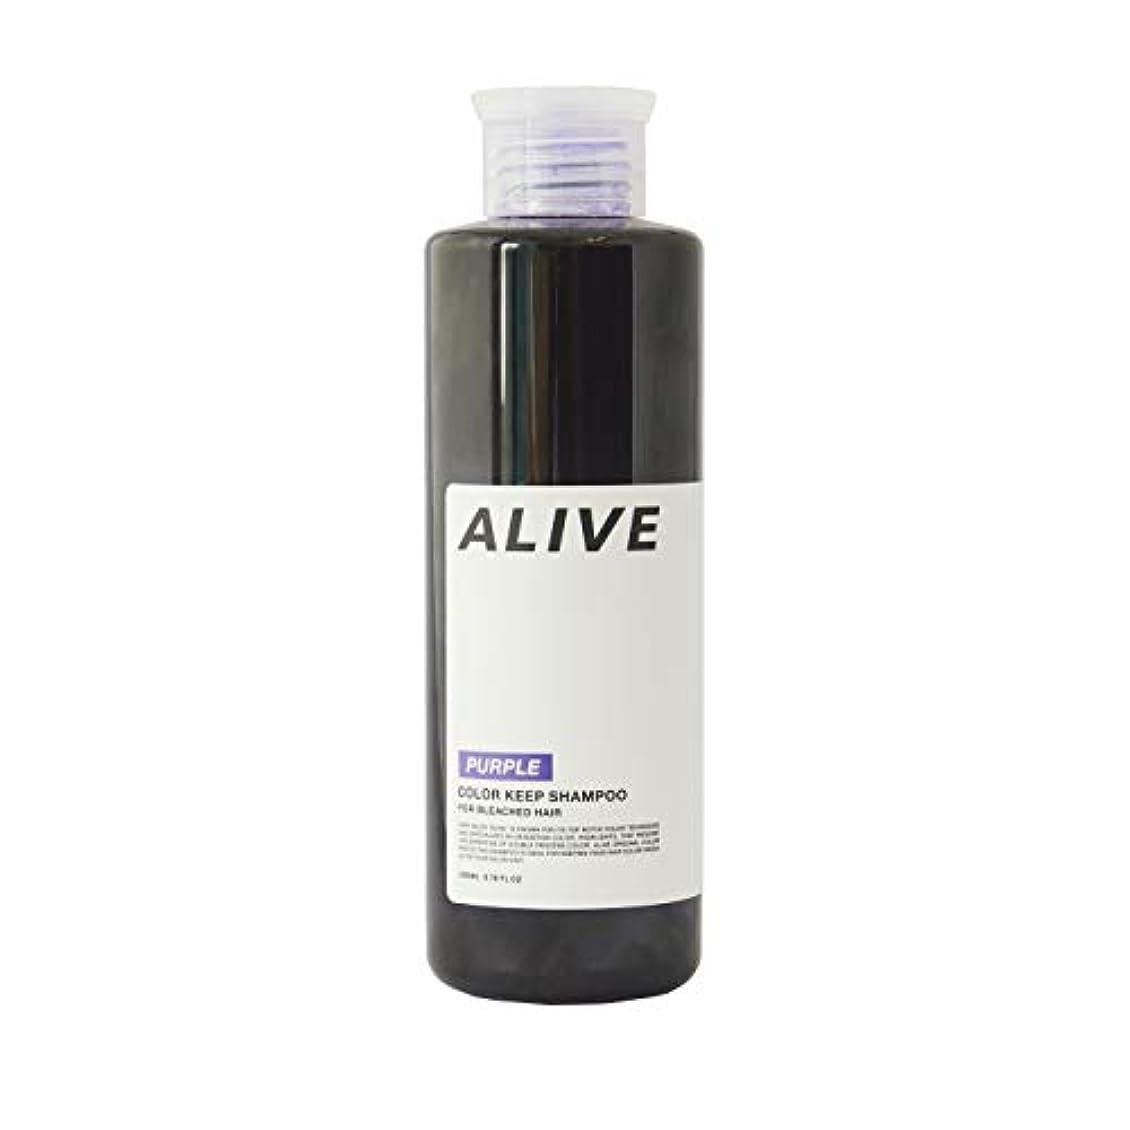 訴える計器信条ALIVE アライブ カラーシャンプー 極濃 紫シャンプー 200ml ムラサキ パープル ムラシャン ムラサキシャンプー